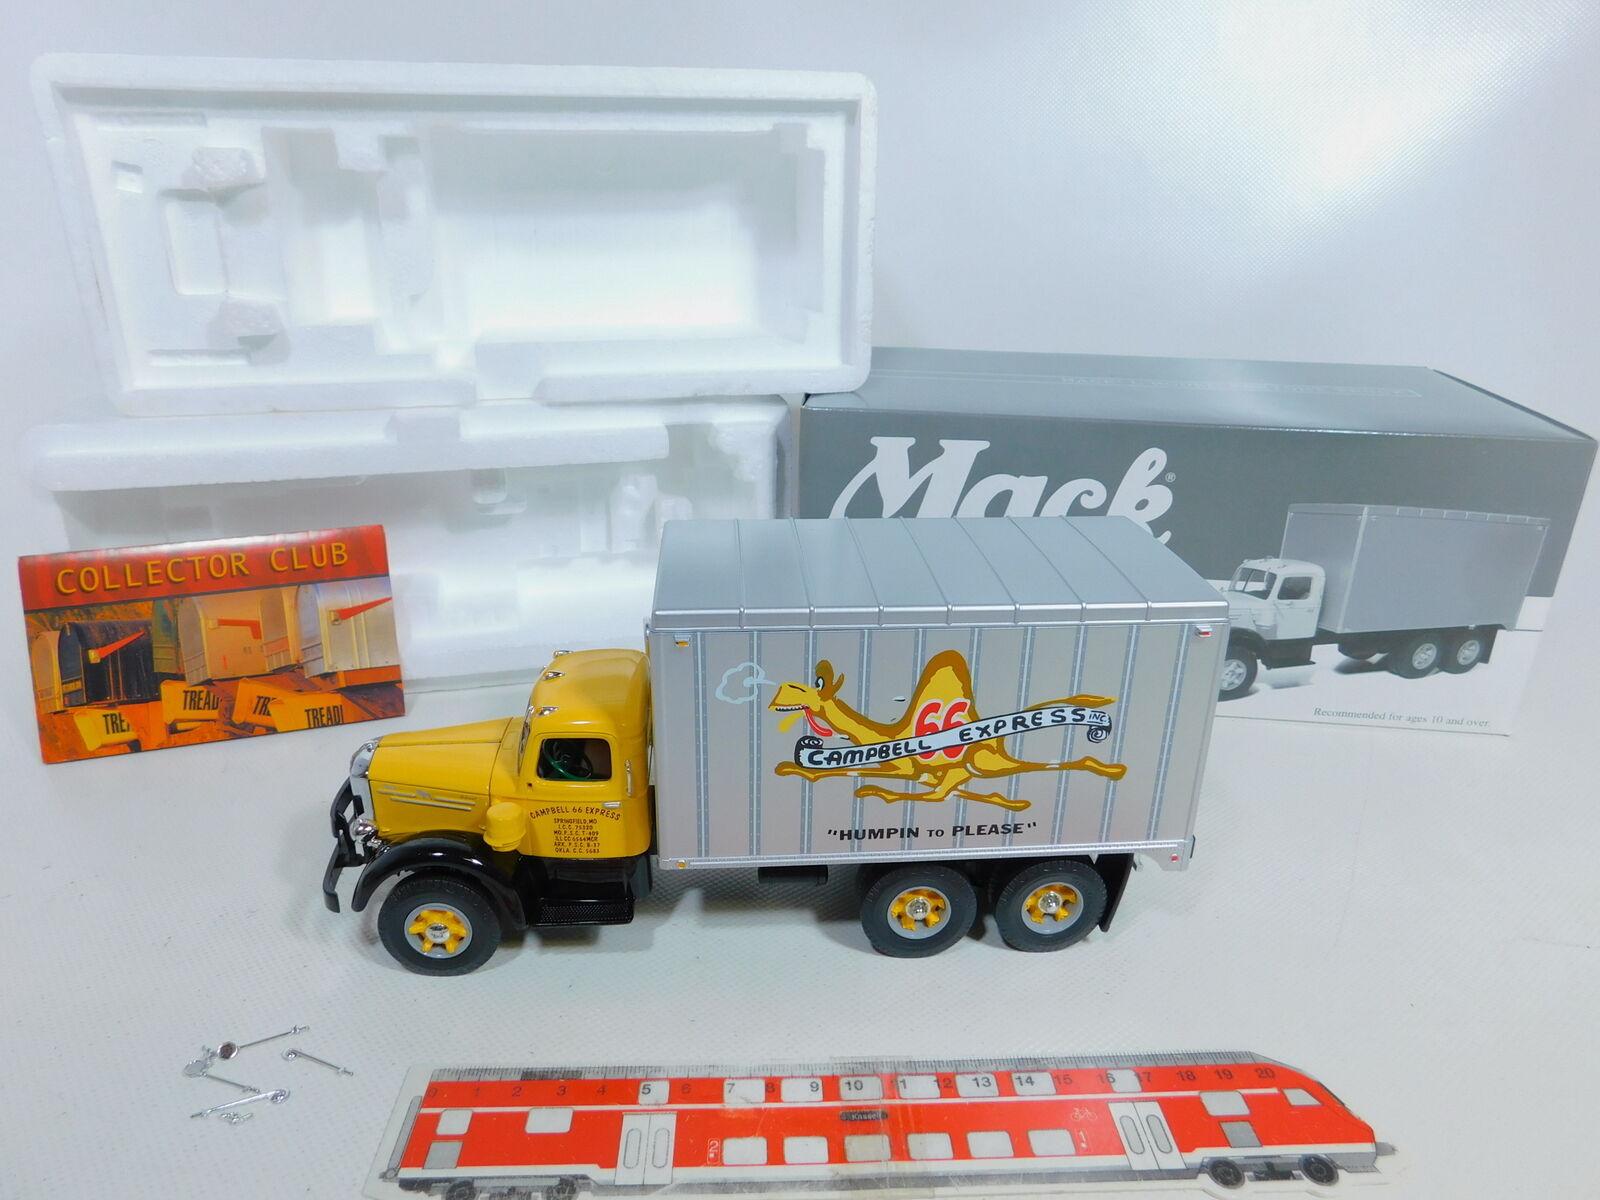 Ca132-2first Gear 1 34 19-3170 camiones mack l Model campbell 66 Express, top + embalaje original